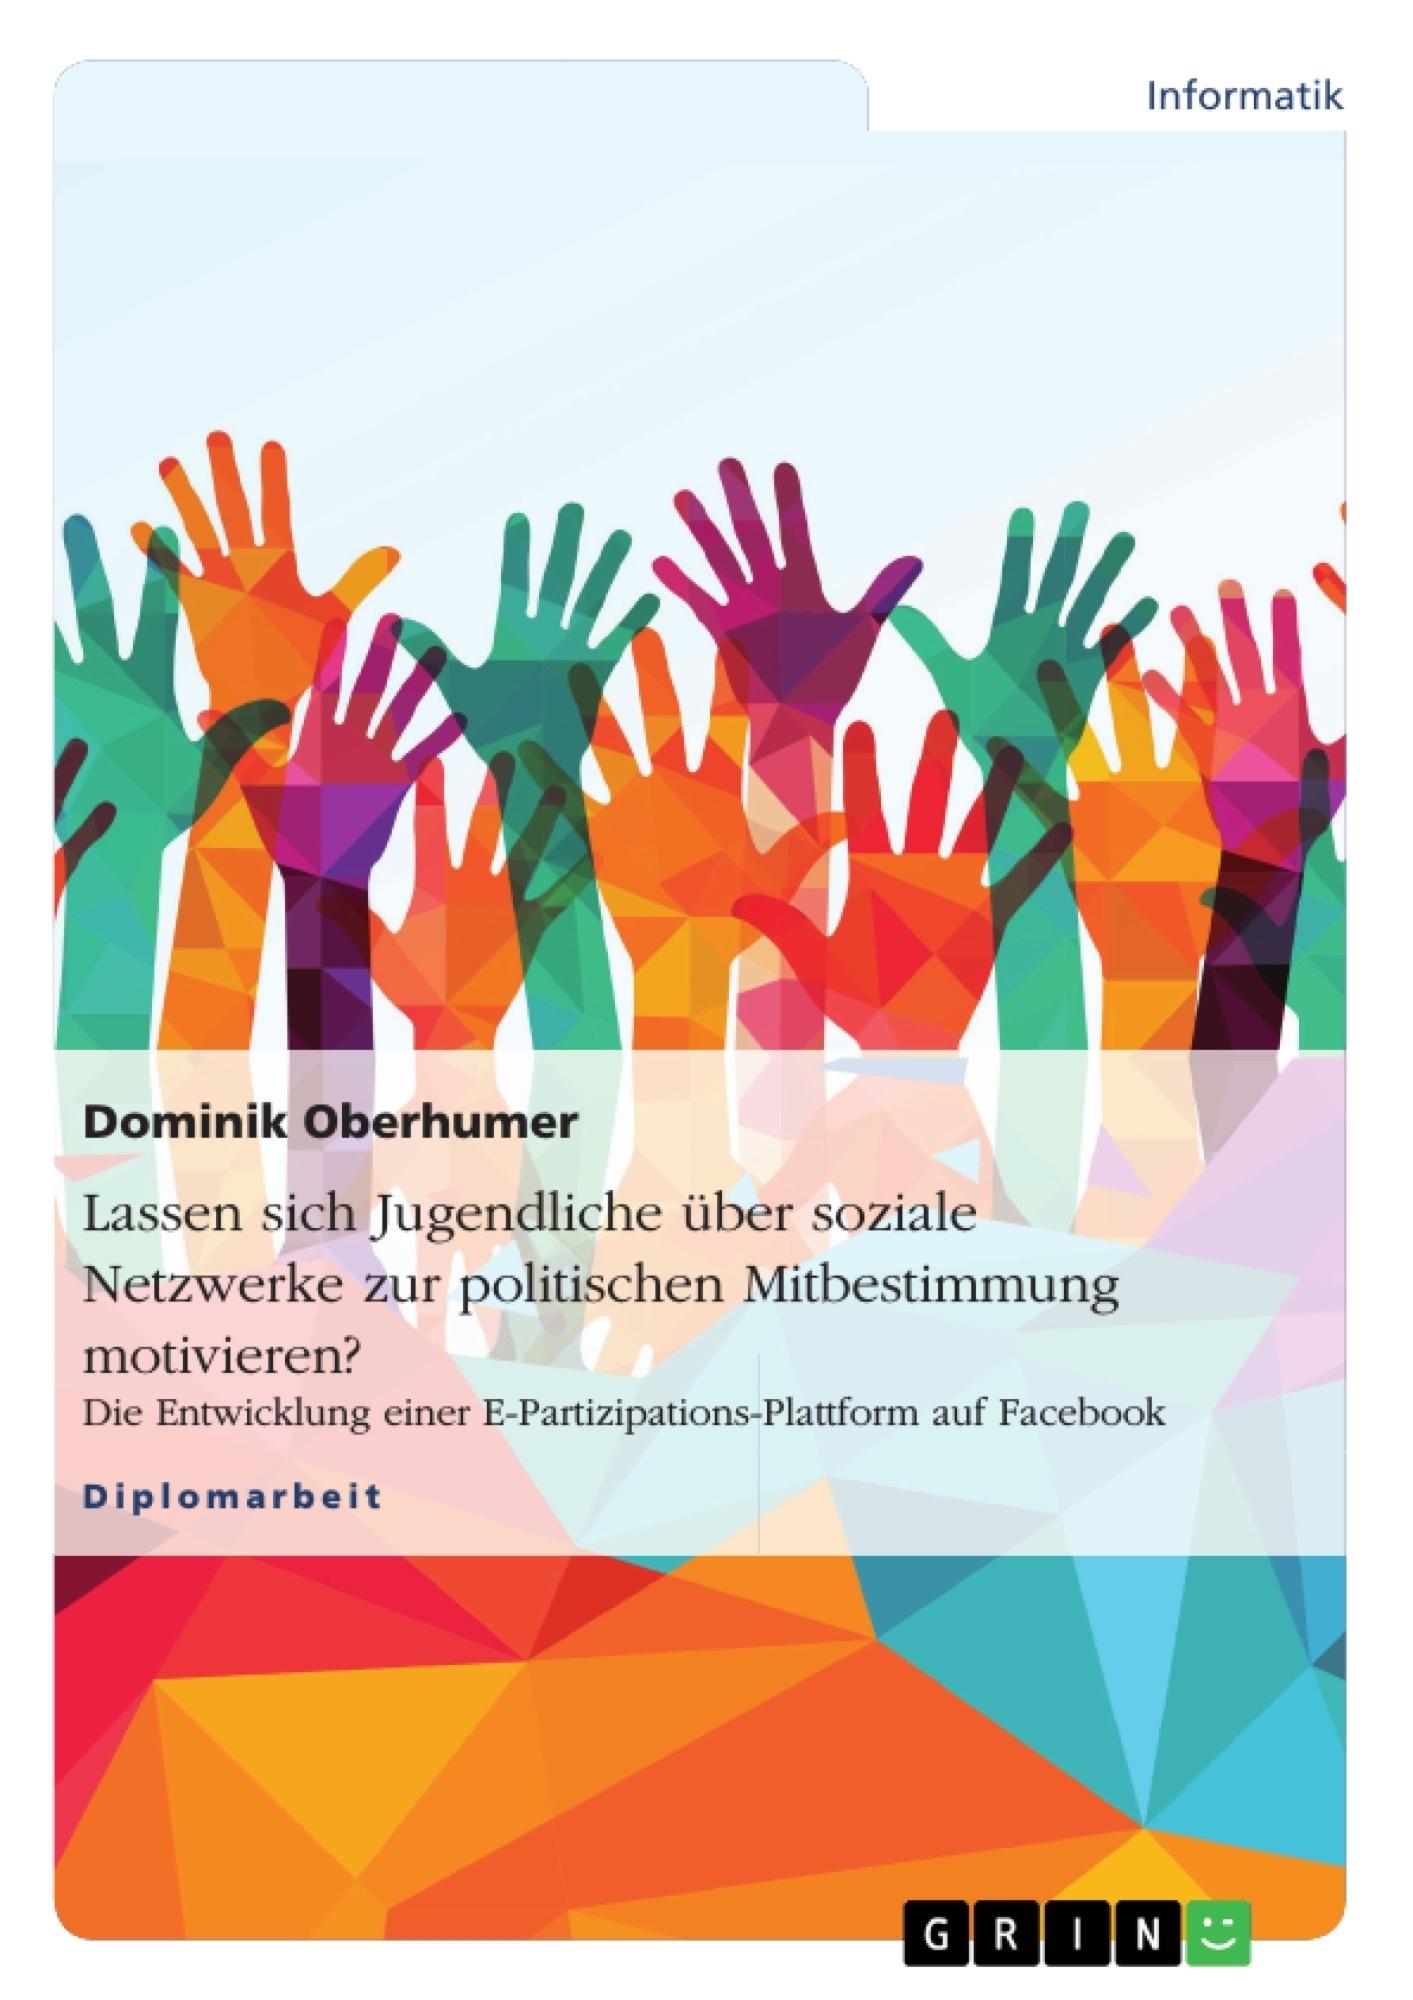 Titel: Lassen sich Jugendliche über soziale Netzwerke zur politischen Mitbestimmung motivieren?